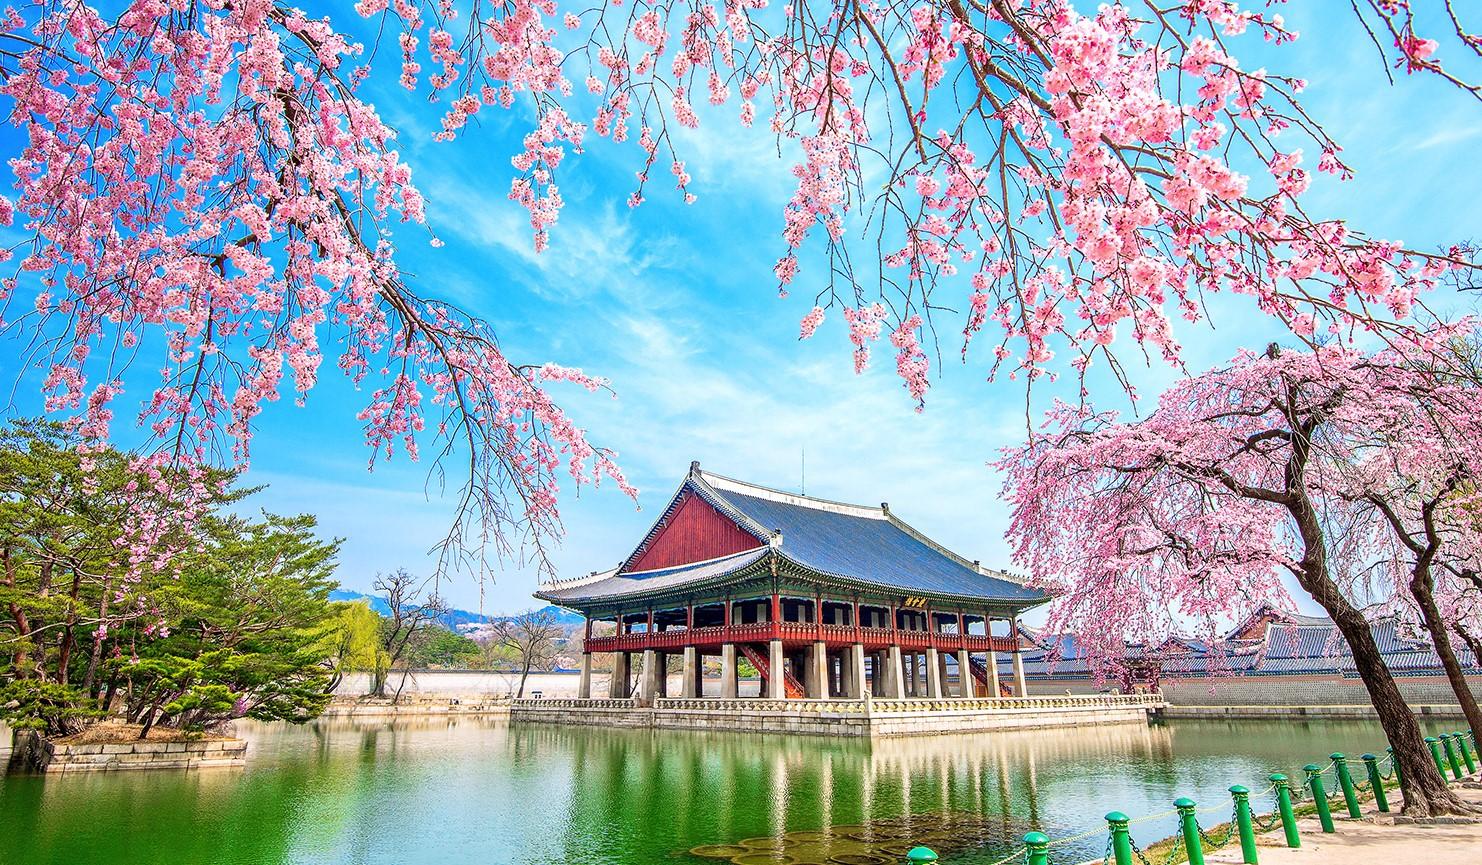 Lễ Khai trương và cắt băng khánh thành Phân hiệu 5 - Viện Văn hóa ngôn ngữ Hàn Quốc - Đại học Quốc gia Incheon